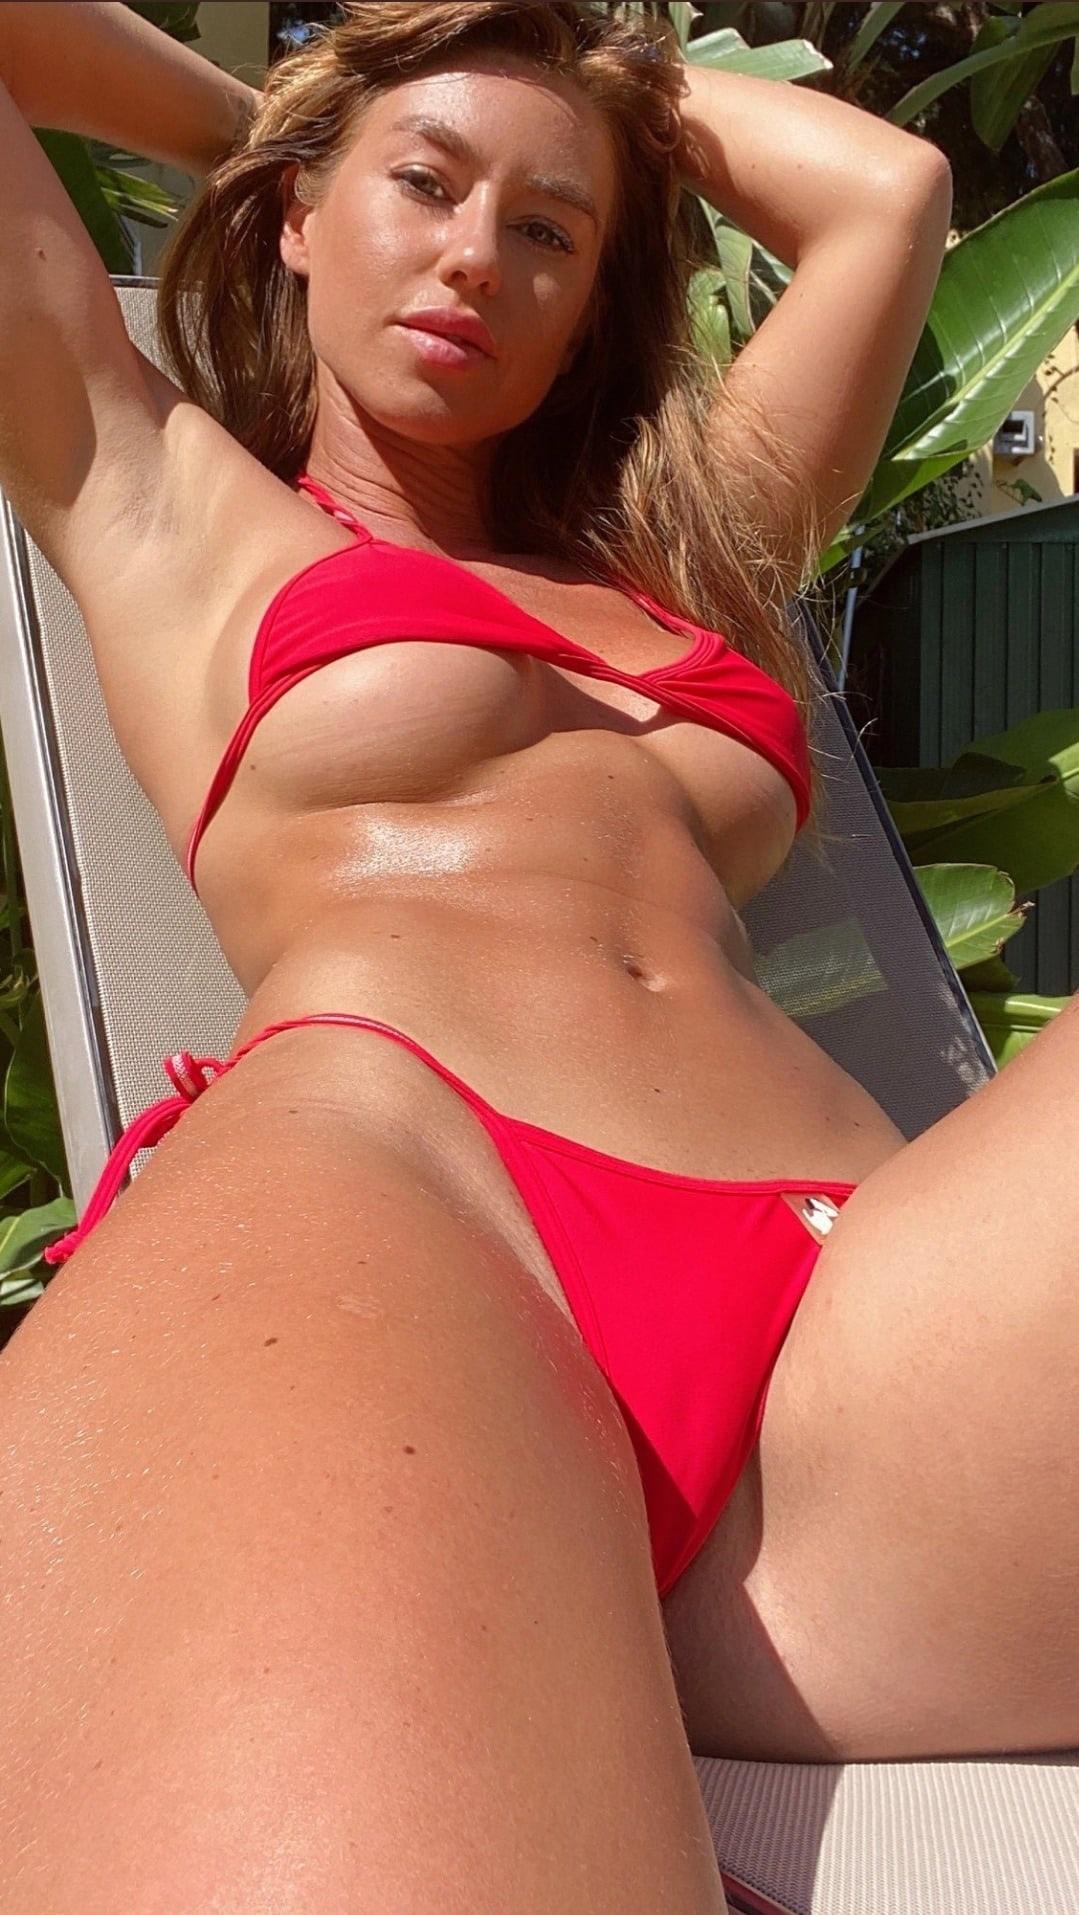 Сочная тёлочка загорает в красном откровенном купальнике